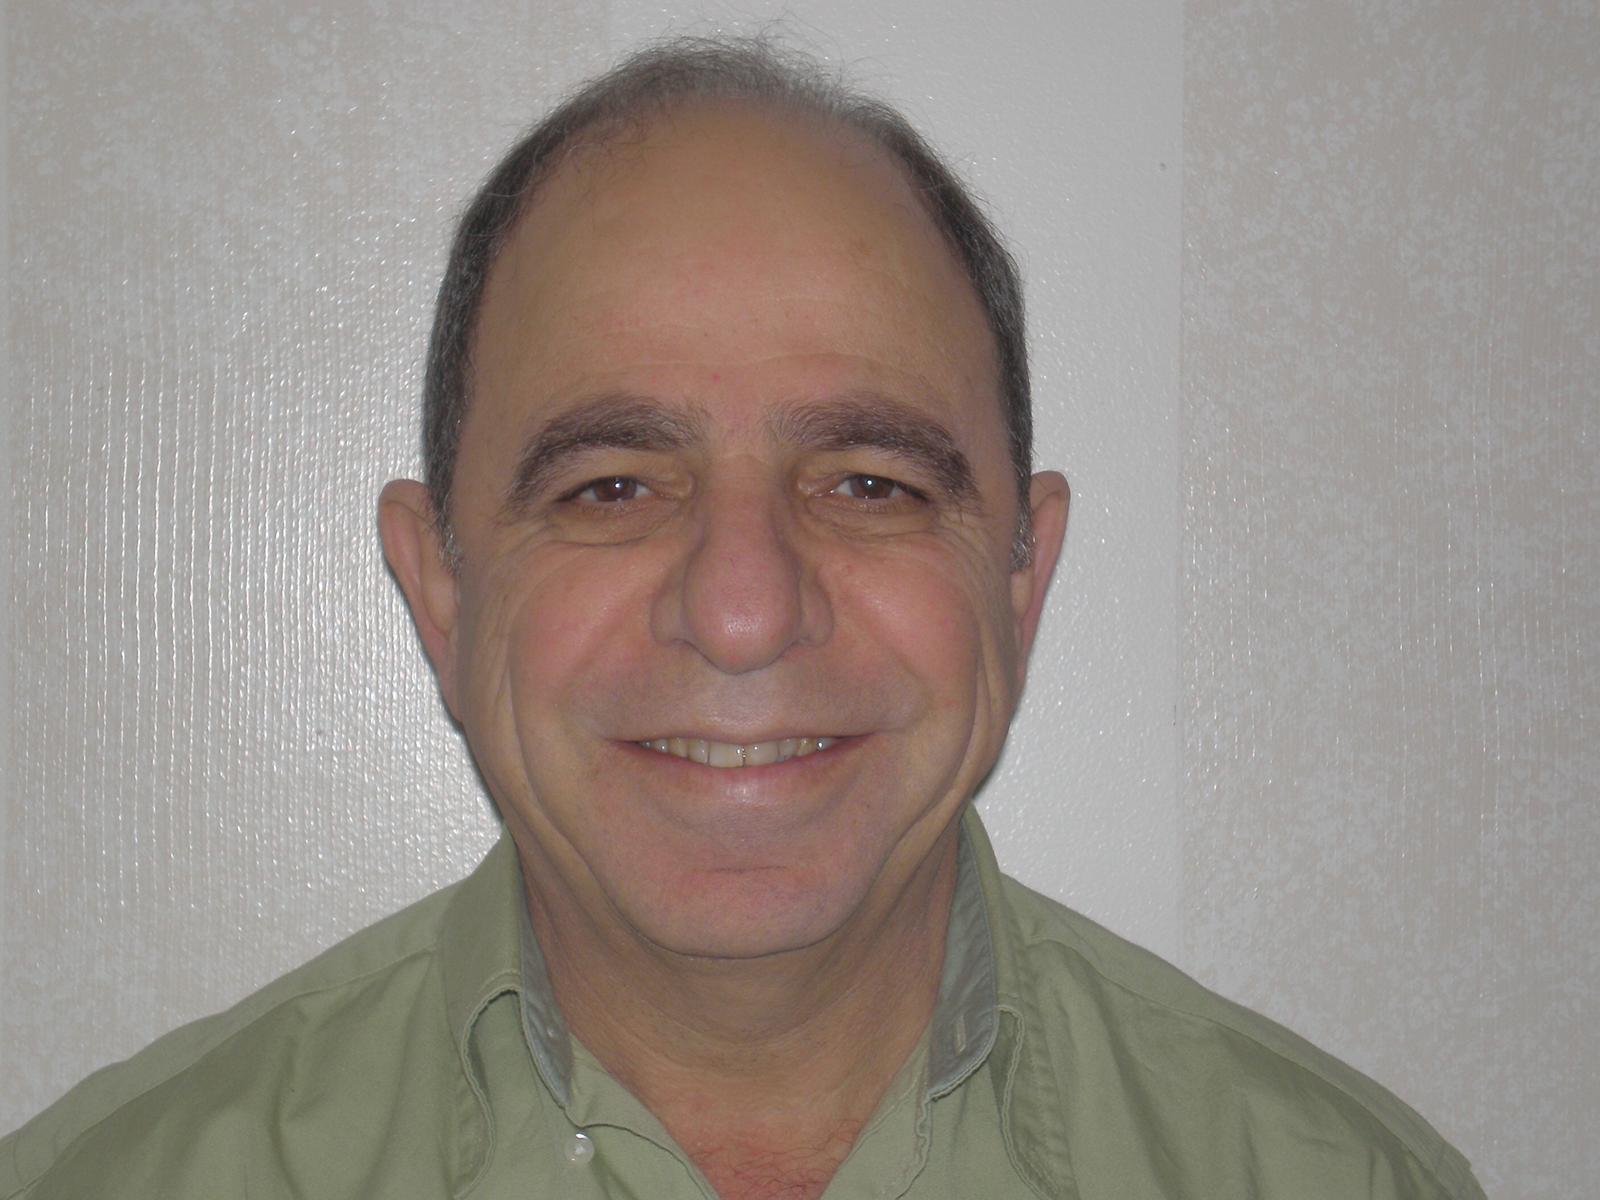 Munir Bannoura